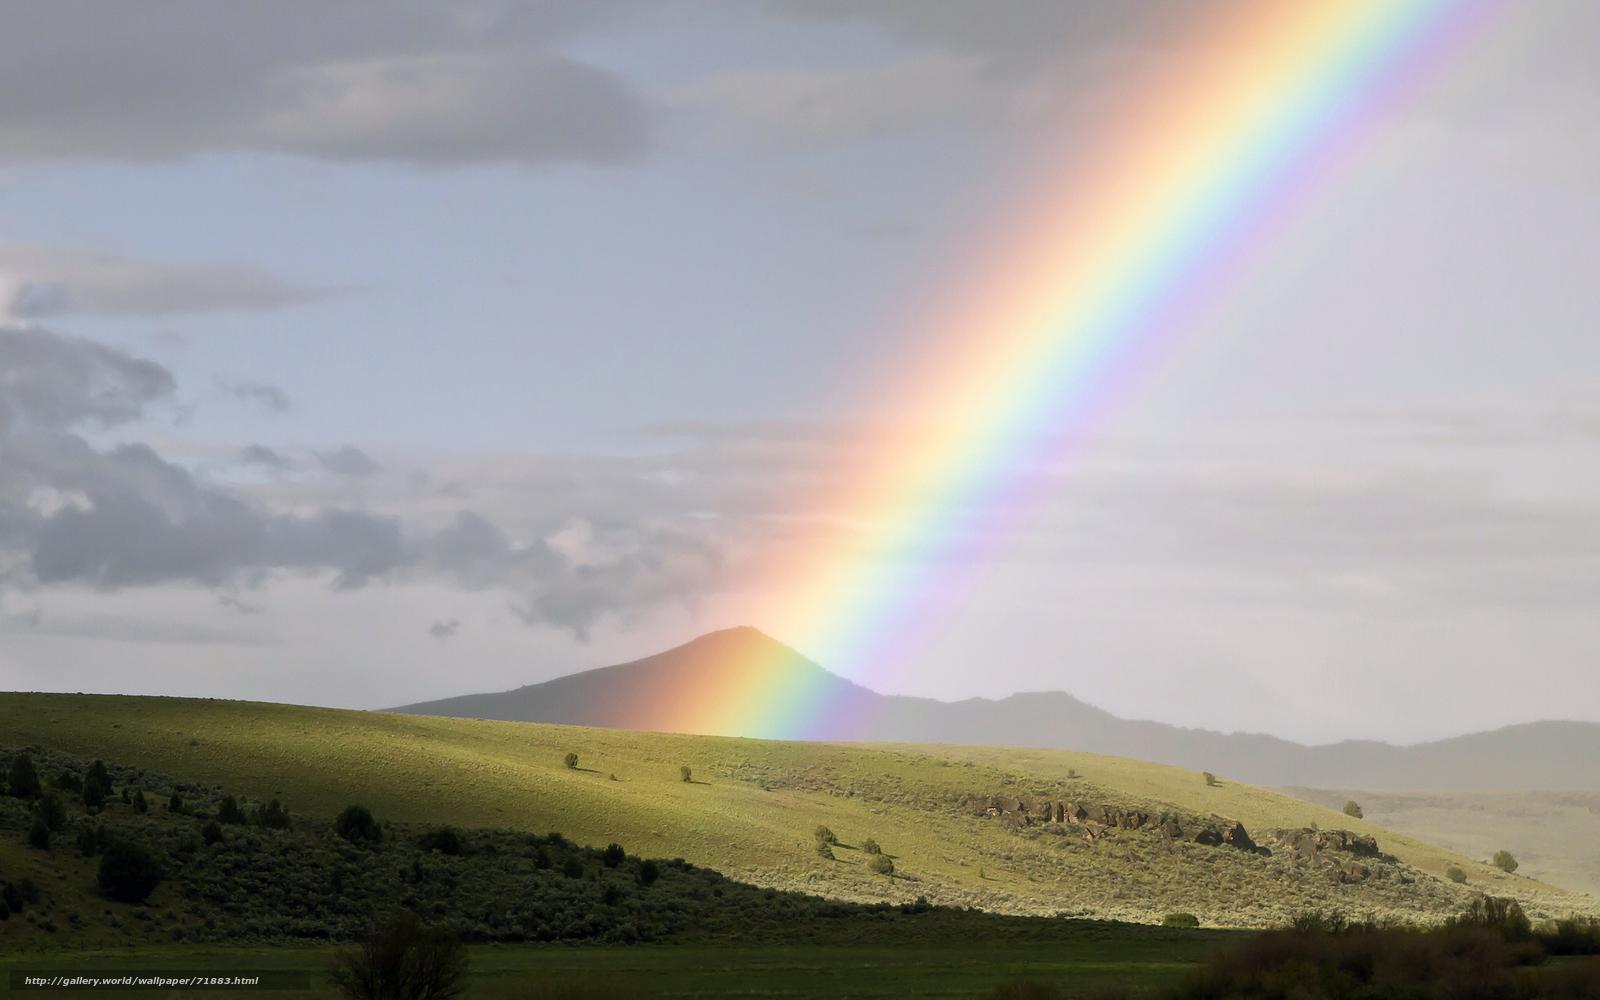 Скачать обои радуга,  митчелл,  орегон,  сша бесплатно для рабочего стола в разрешении 2560x1600 — картинка №71883